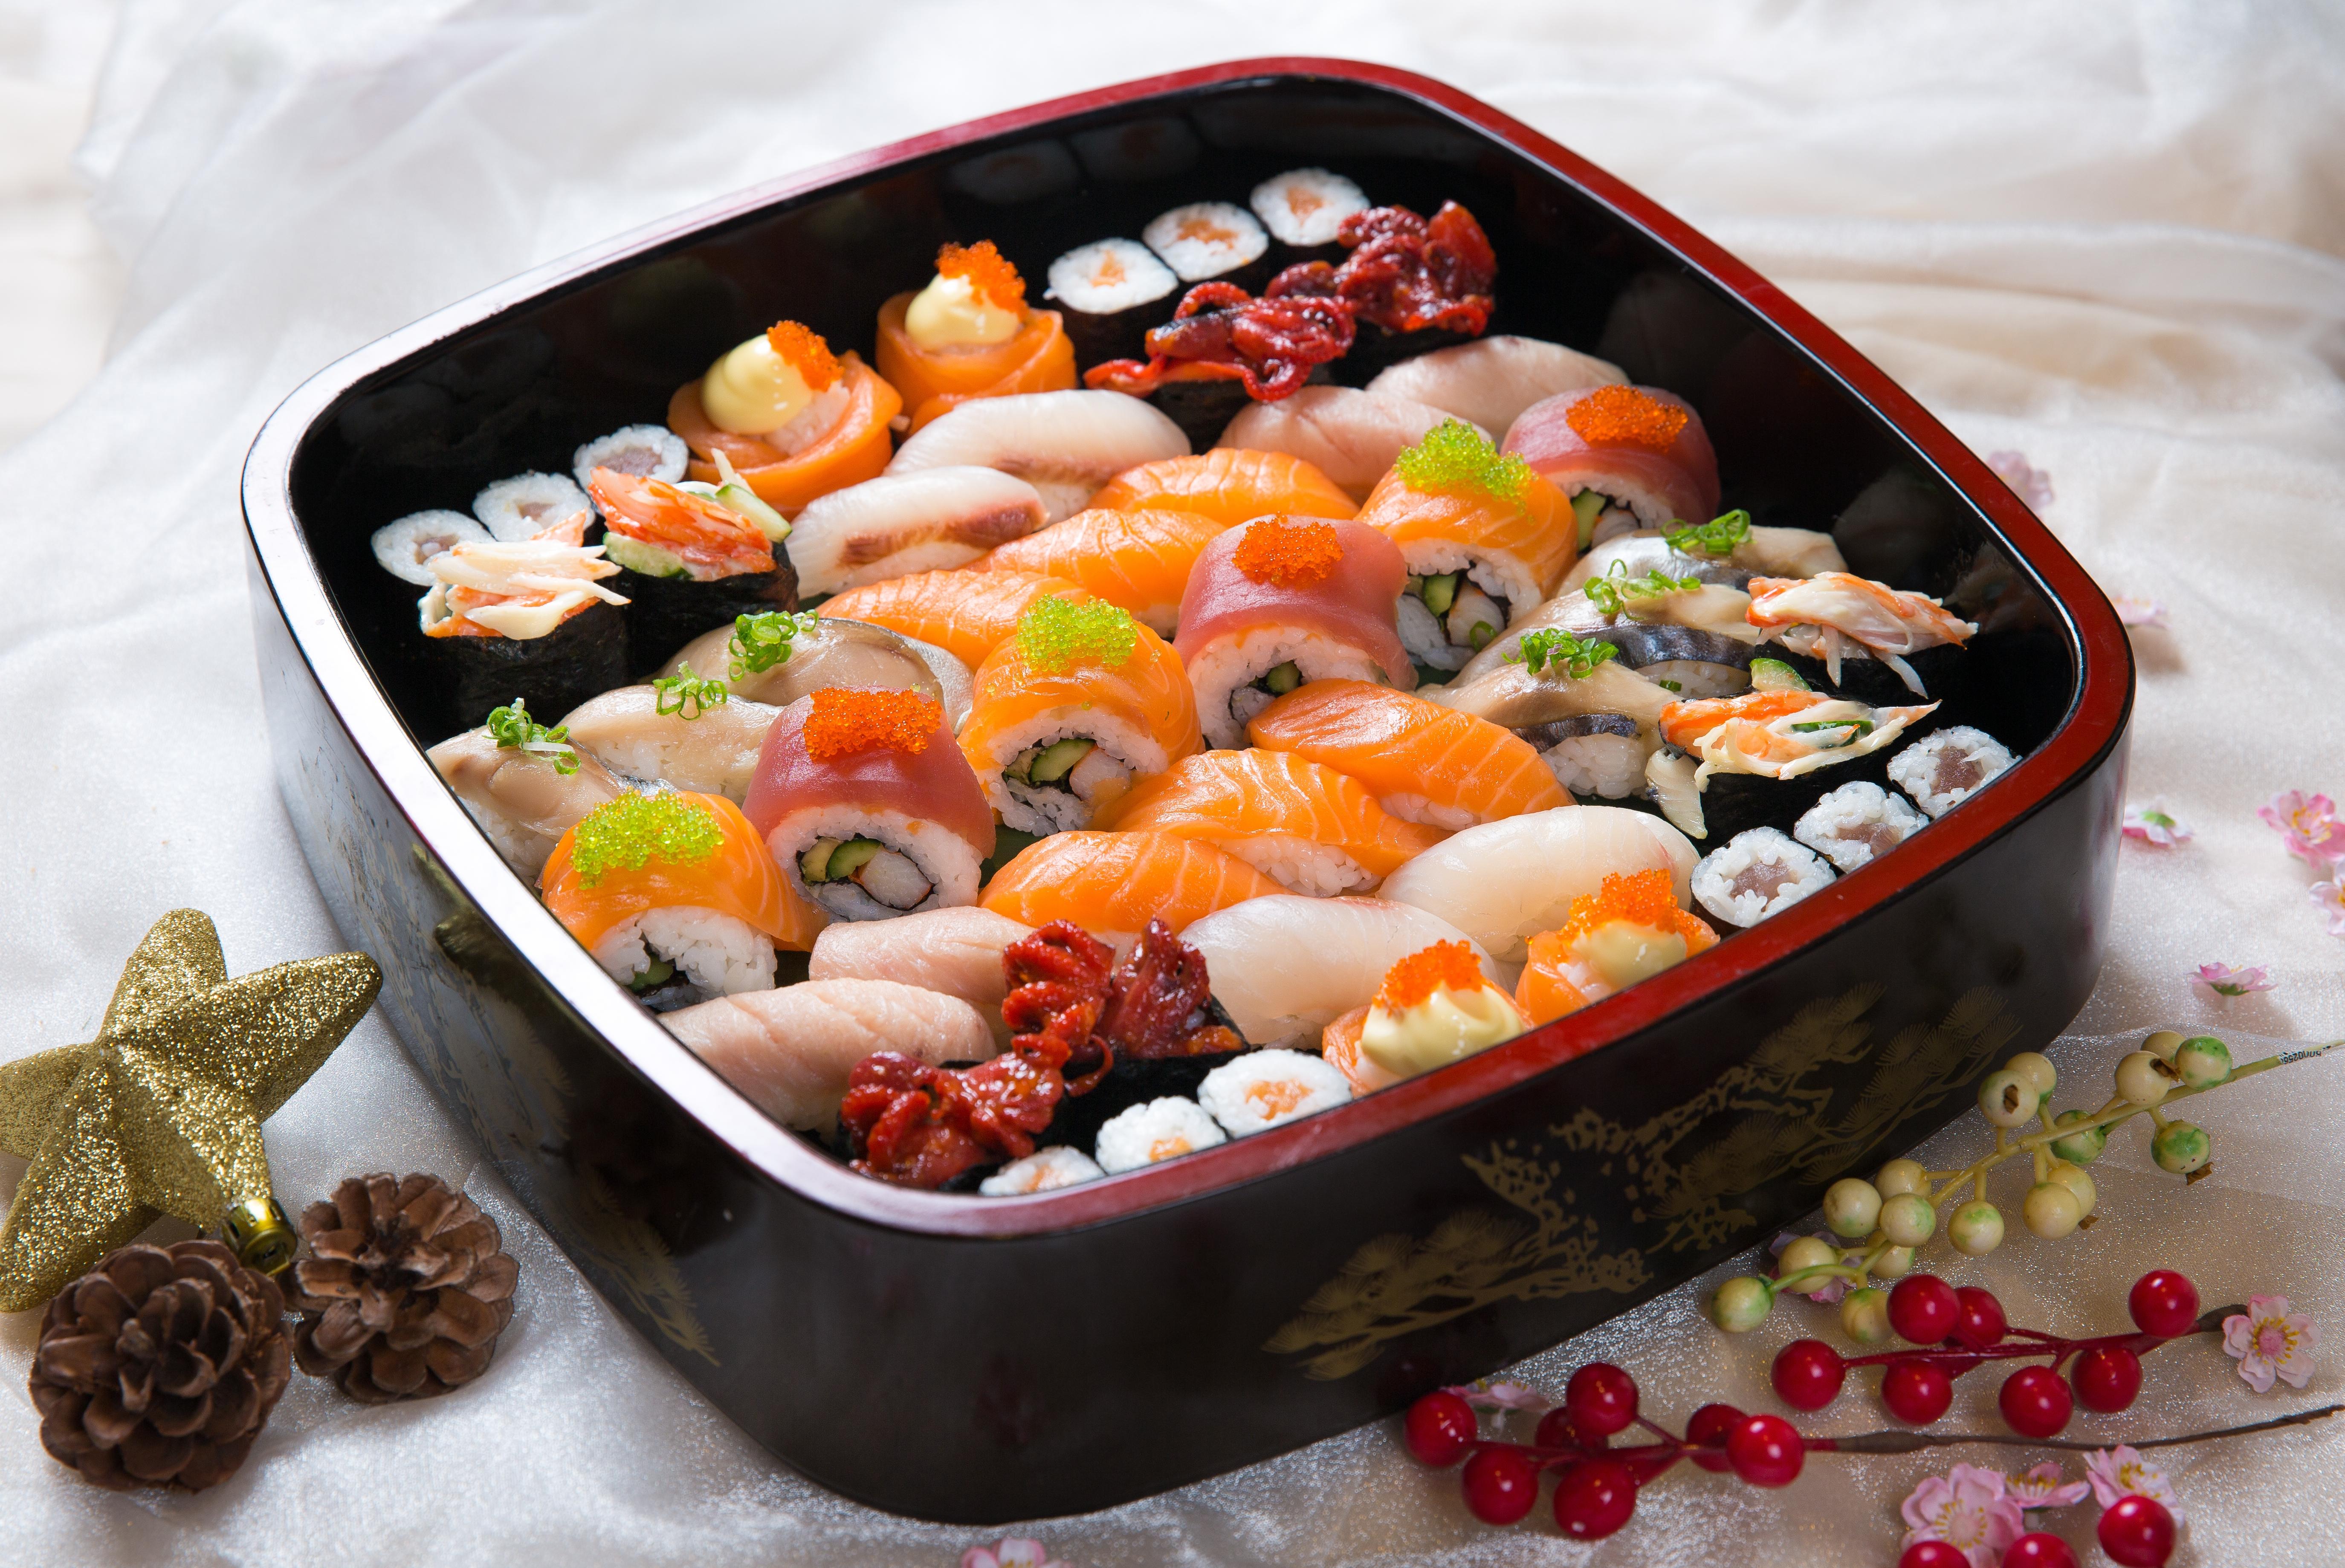 фото еды японии плоды имеют